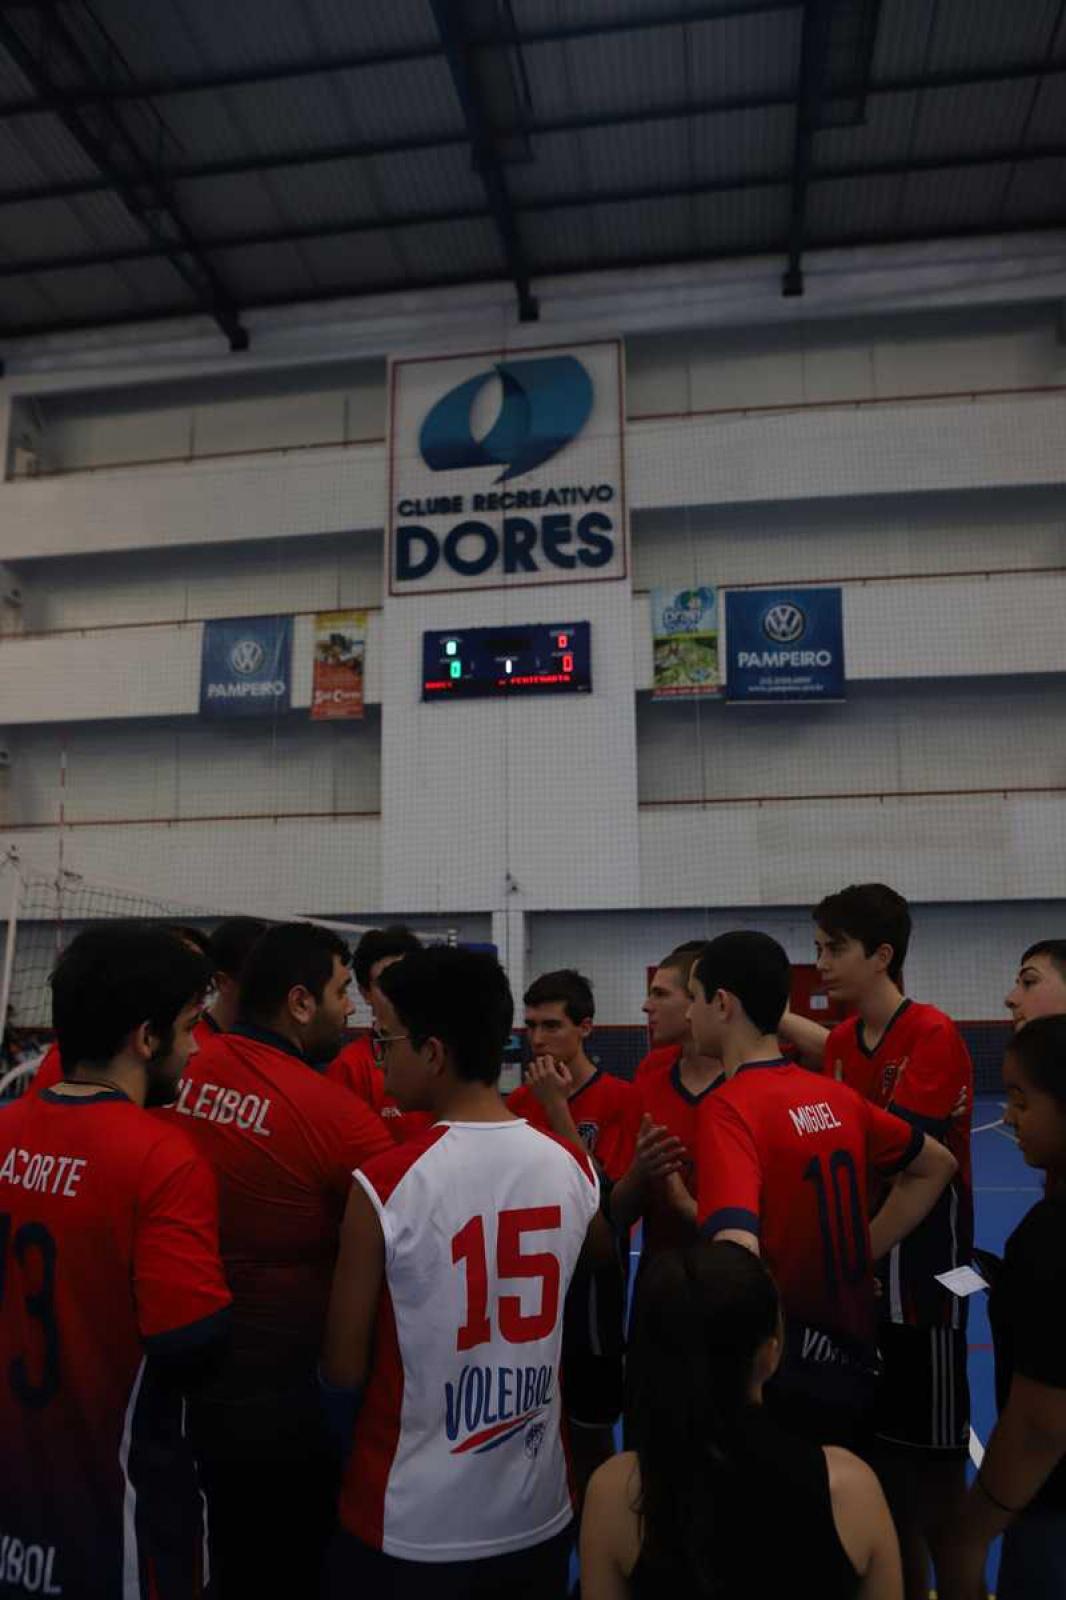 V Taça Dores de Voleibol - Categoria Juvenil